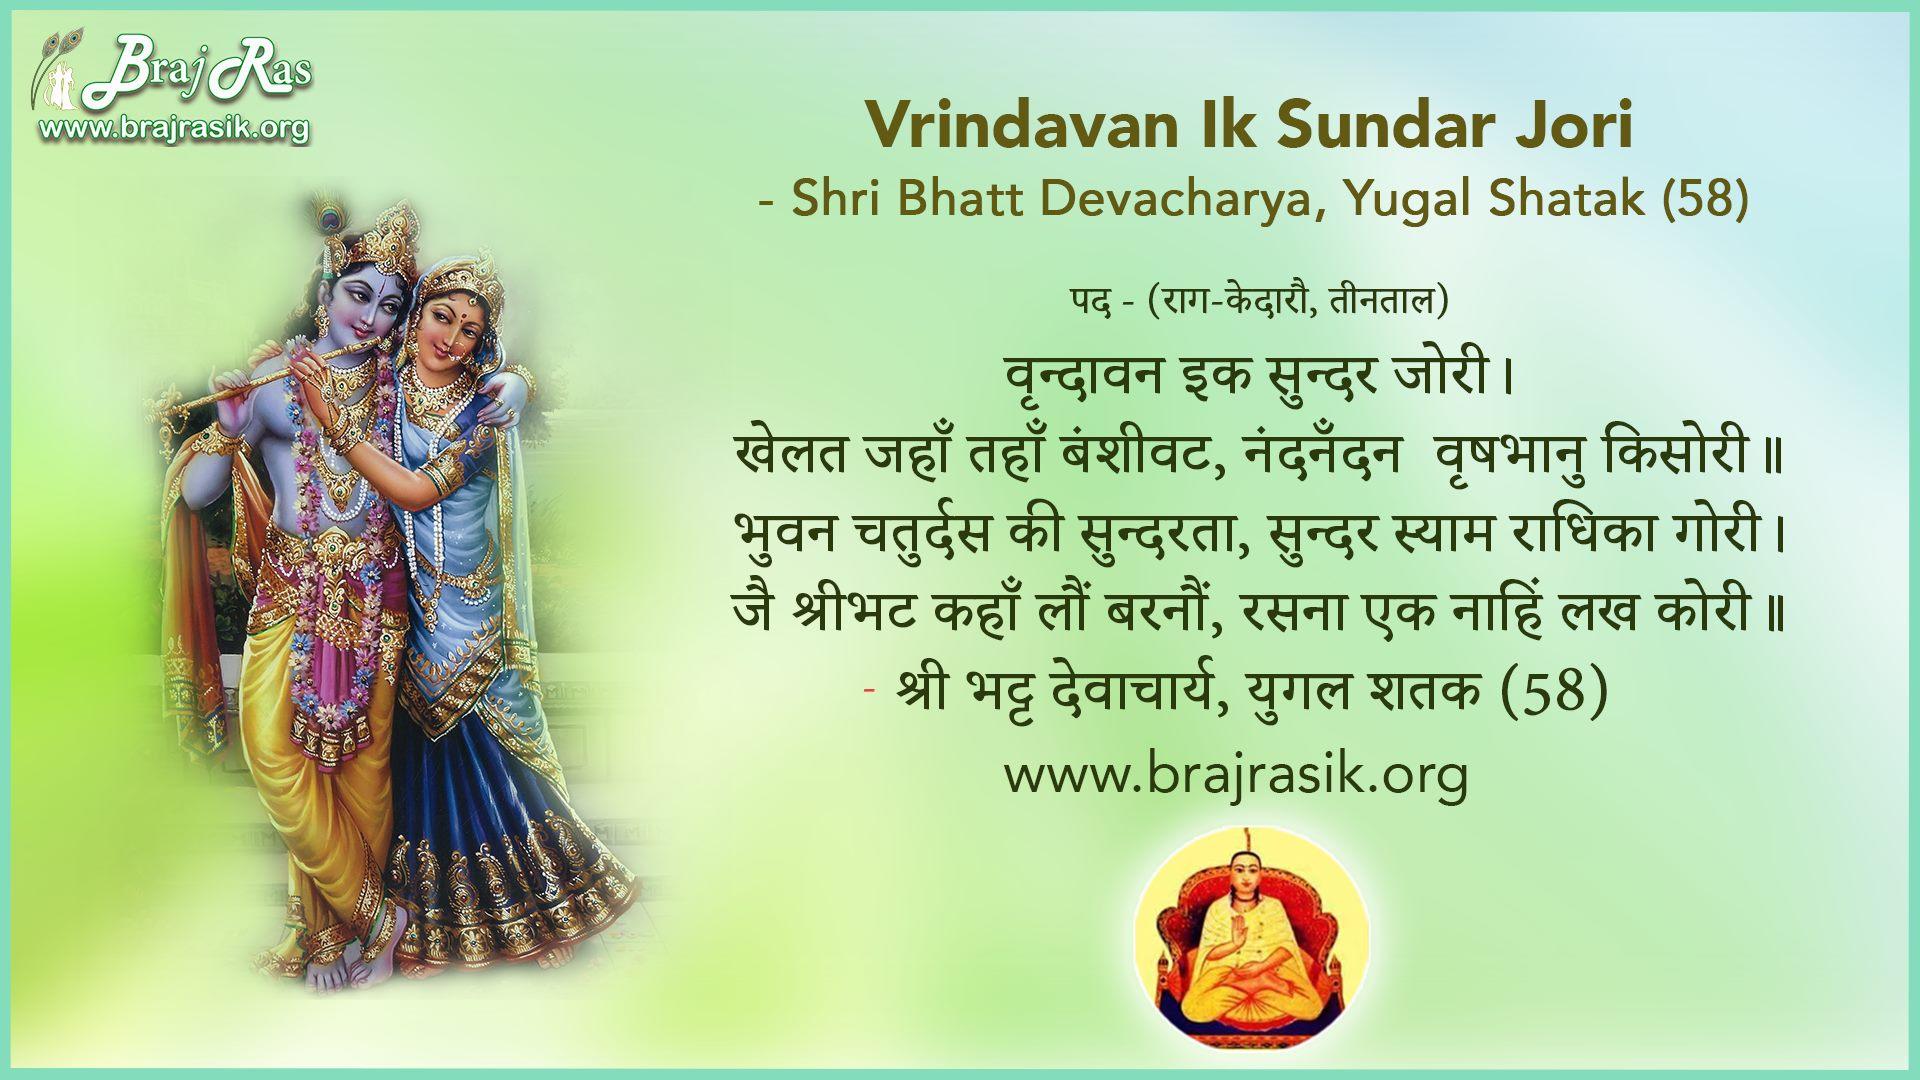 Vrindavan Ik Sundar Jori - Shri Bhatt Devacharya, Yugal Shatak (58)